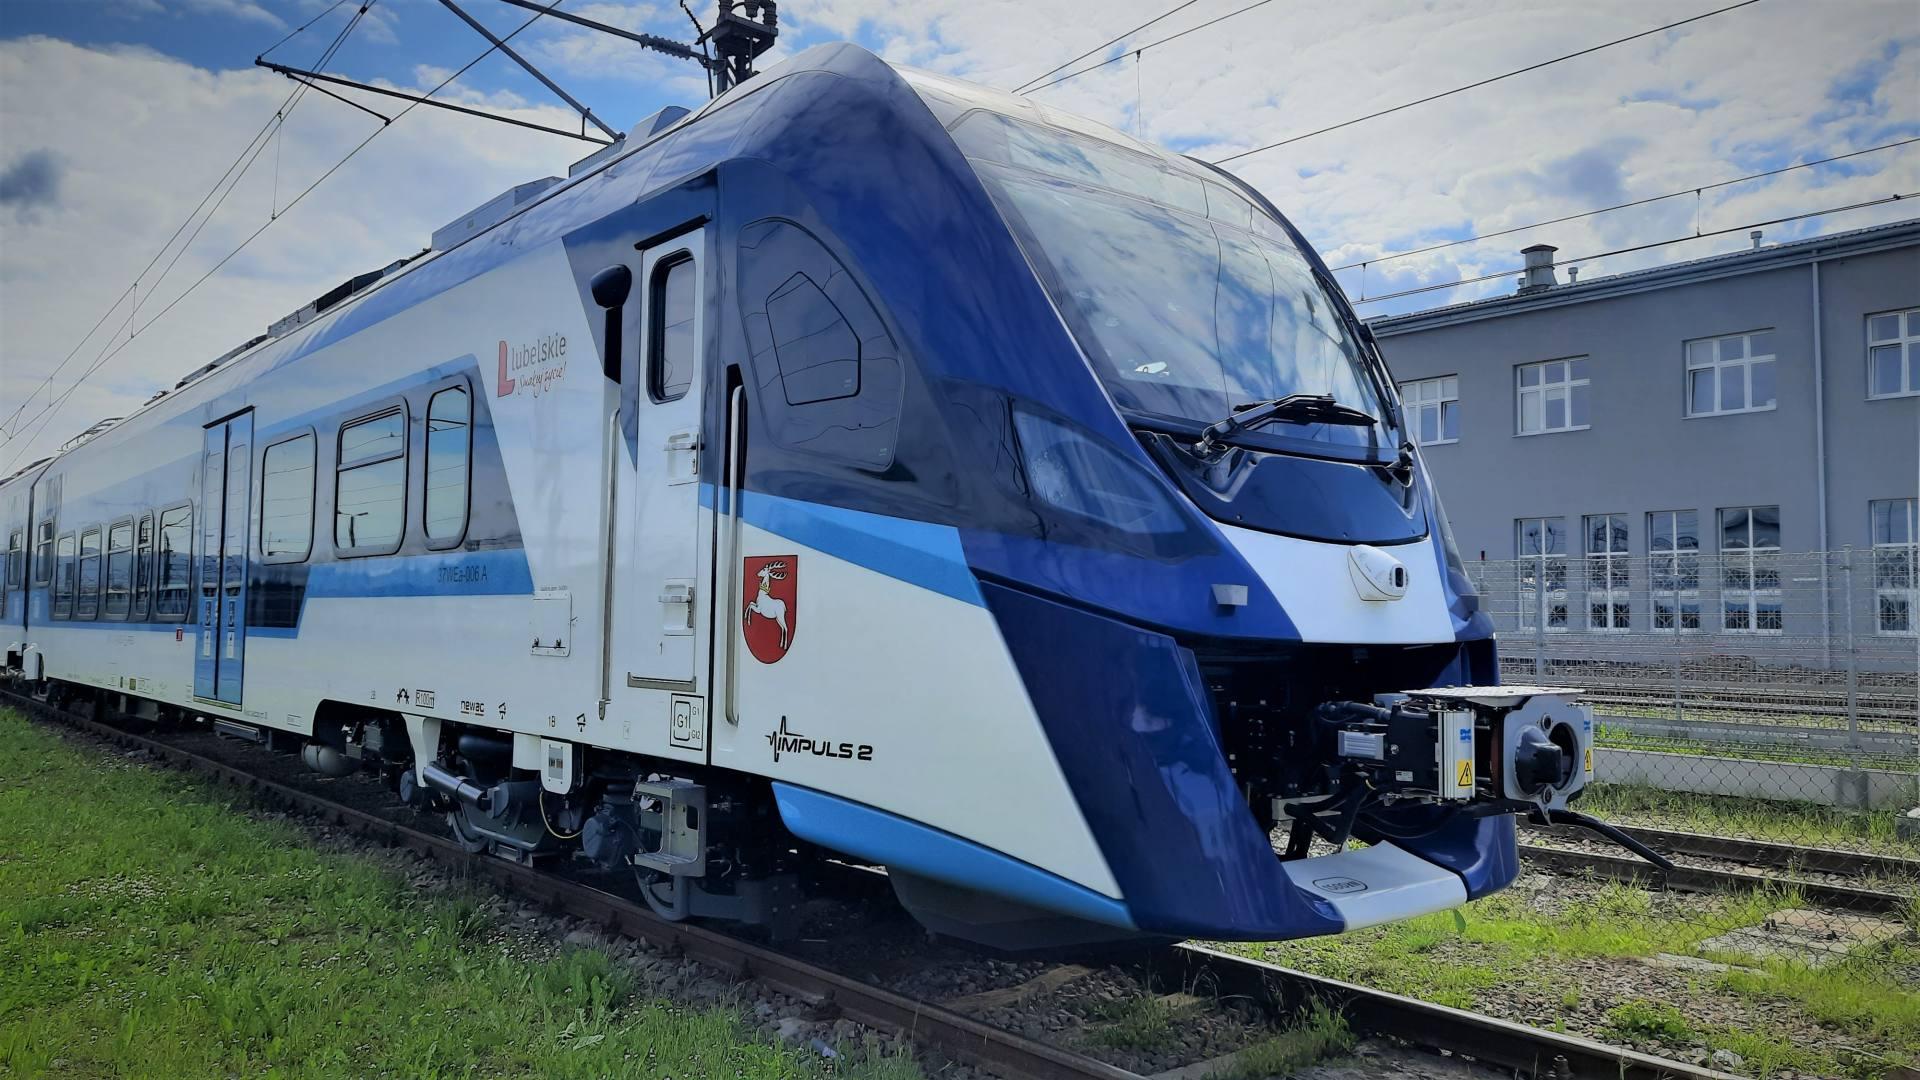 20210622 1 elektryczny zespol trakcyjny typ 37wea seria impuls 2 Nowe pociągi dla Lubelskiego